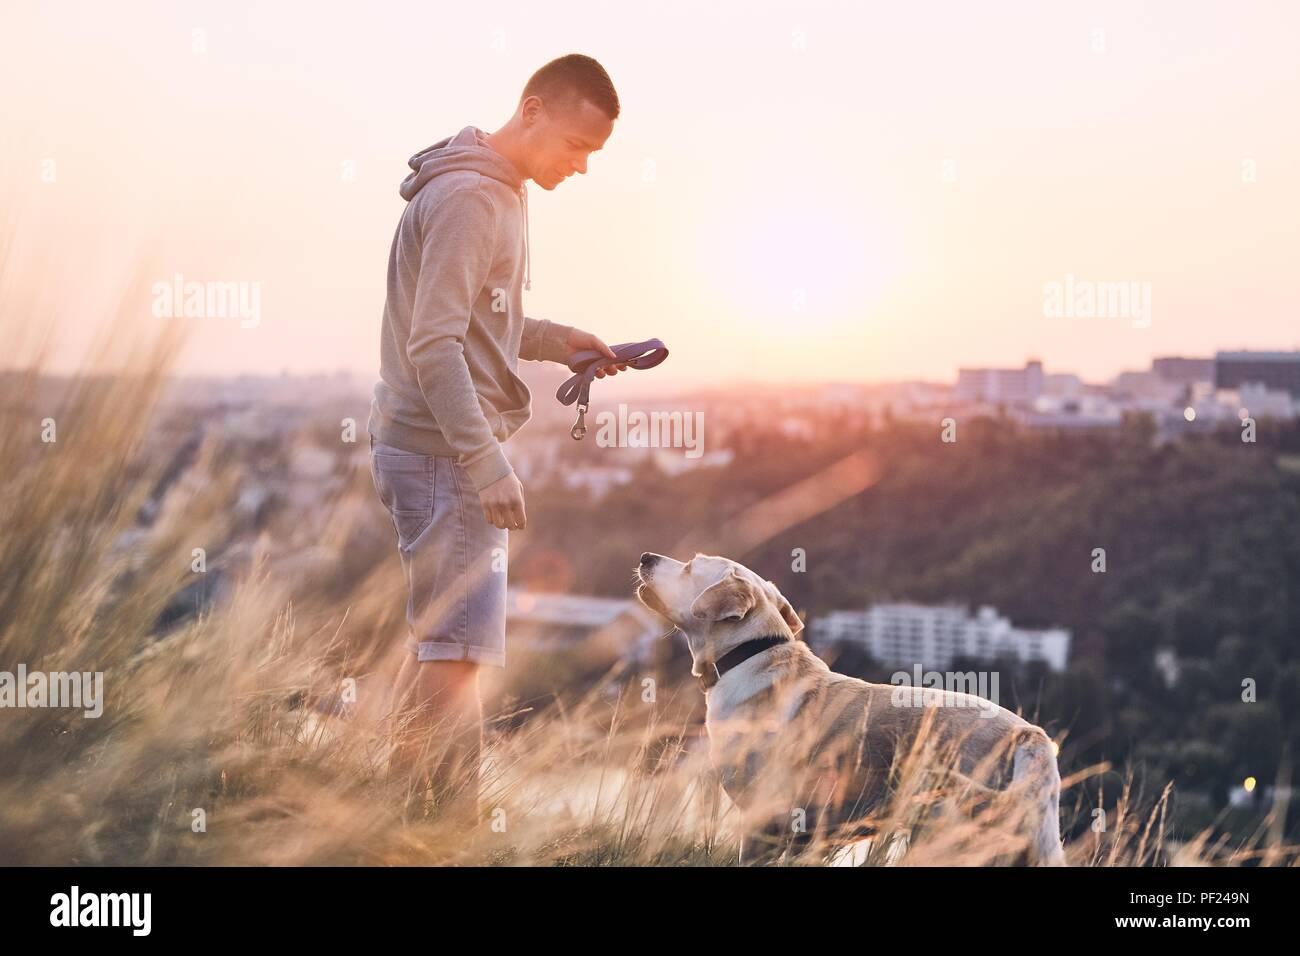 Promenade avec chien. Jeune homme et son labrador retriever sur le pré contre ville au lever du soleil. Photo Stock